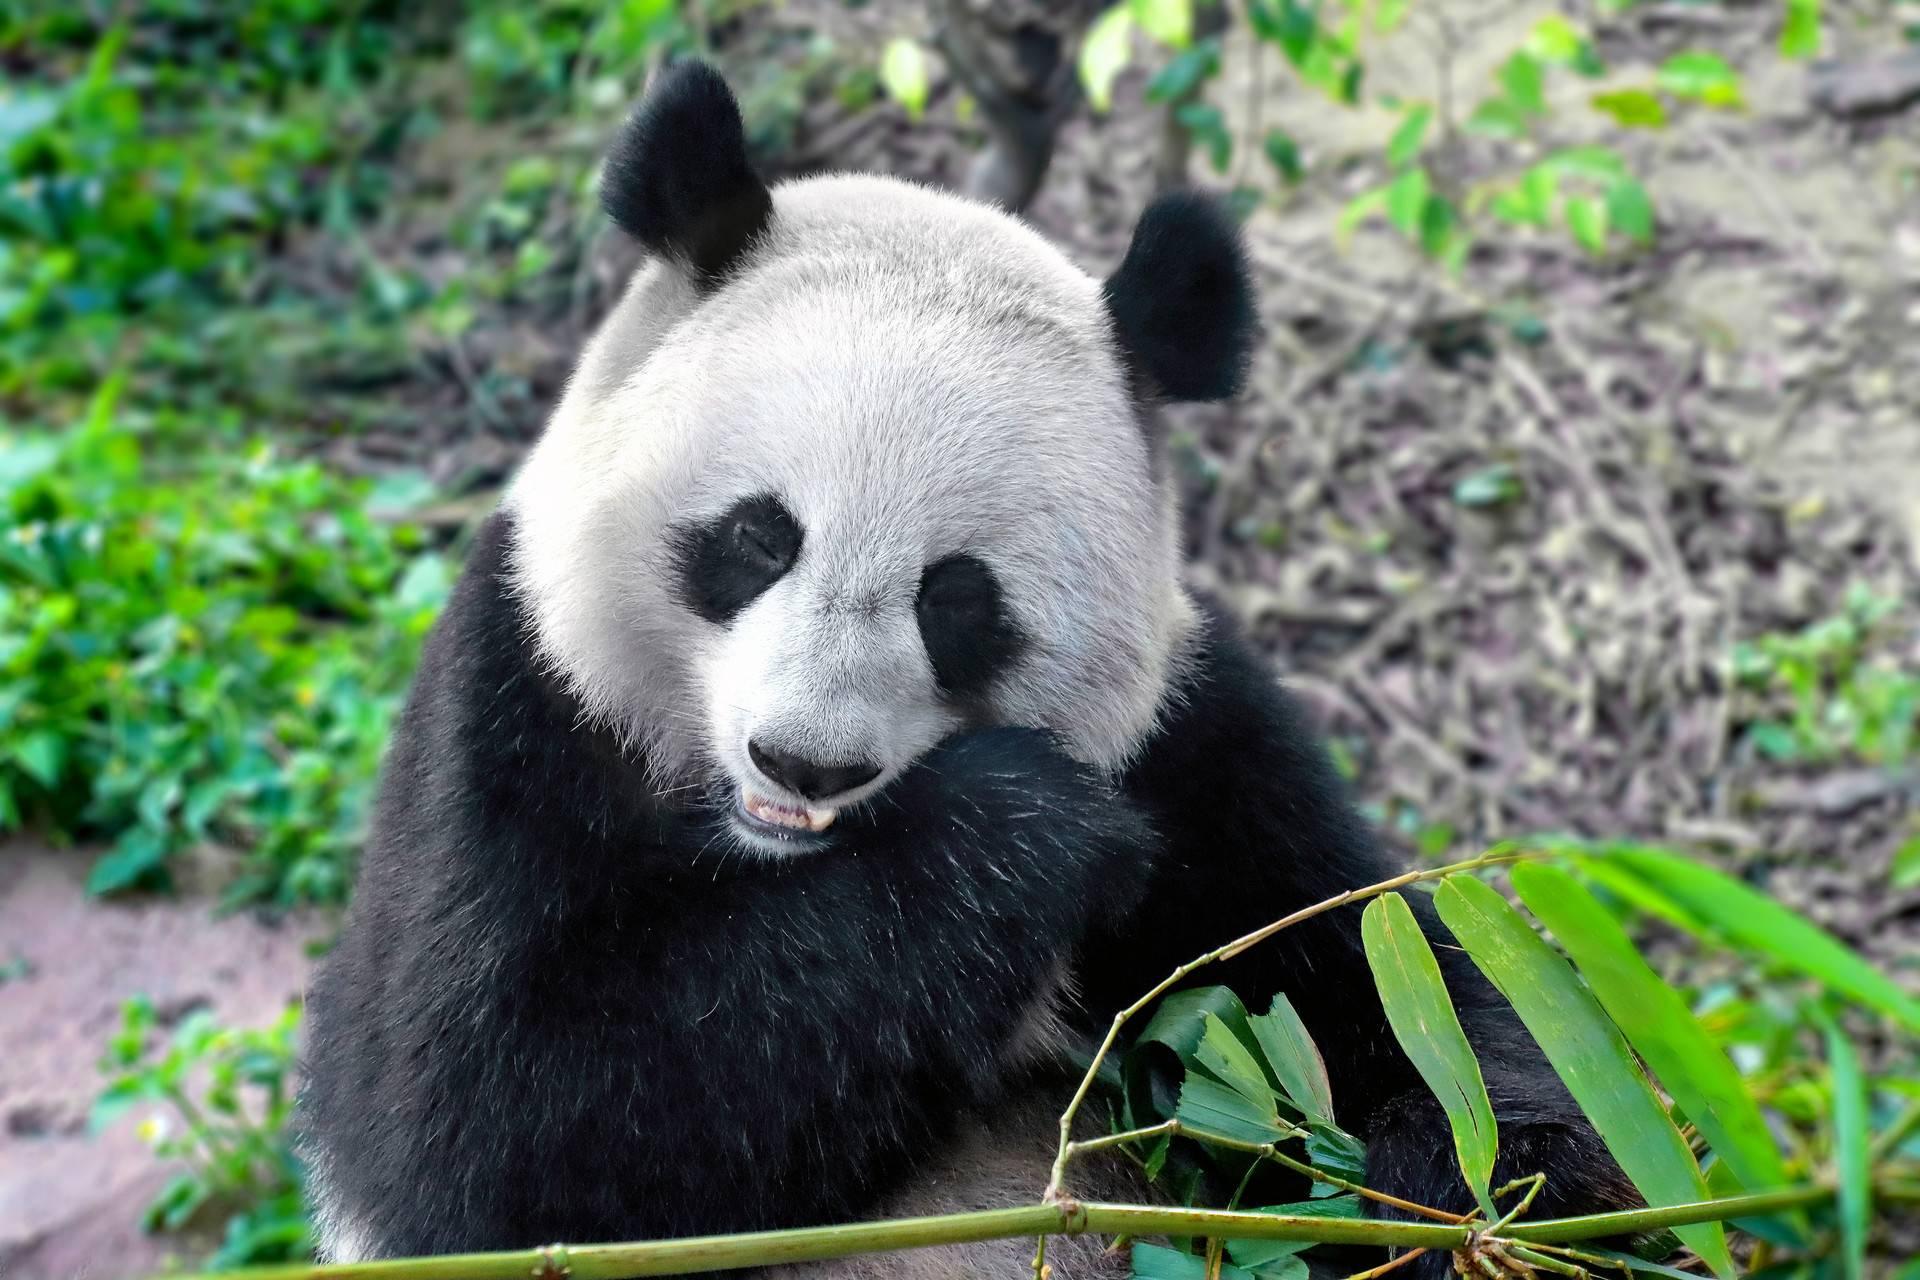 【喜闹天府】四川·成都大庙会+熊猫基地+川菜博物馆+生命奥秘博物馆·双飞5天4晚亲子游